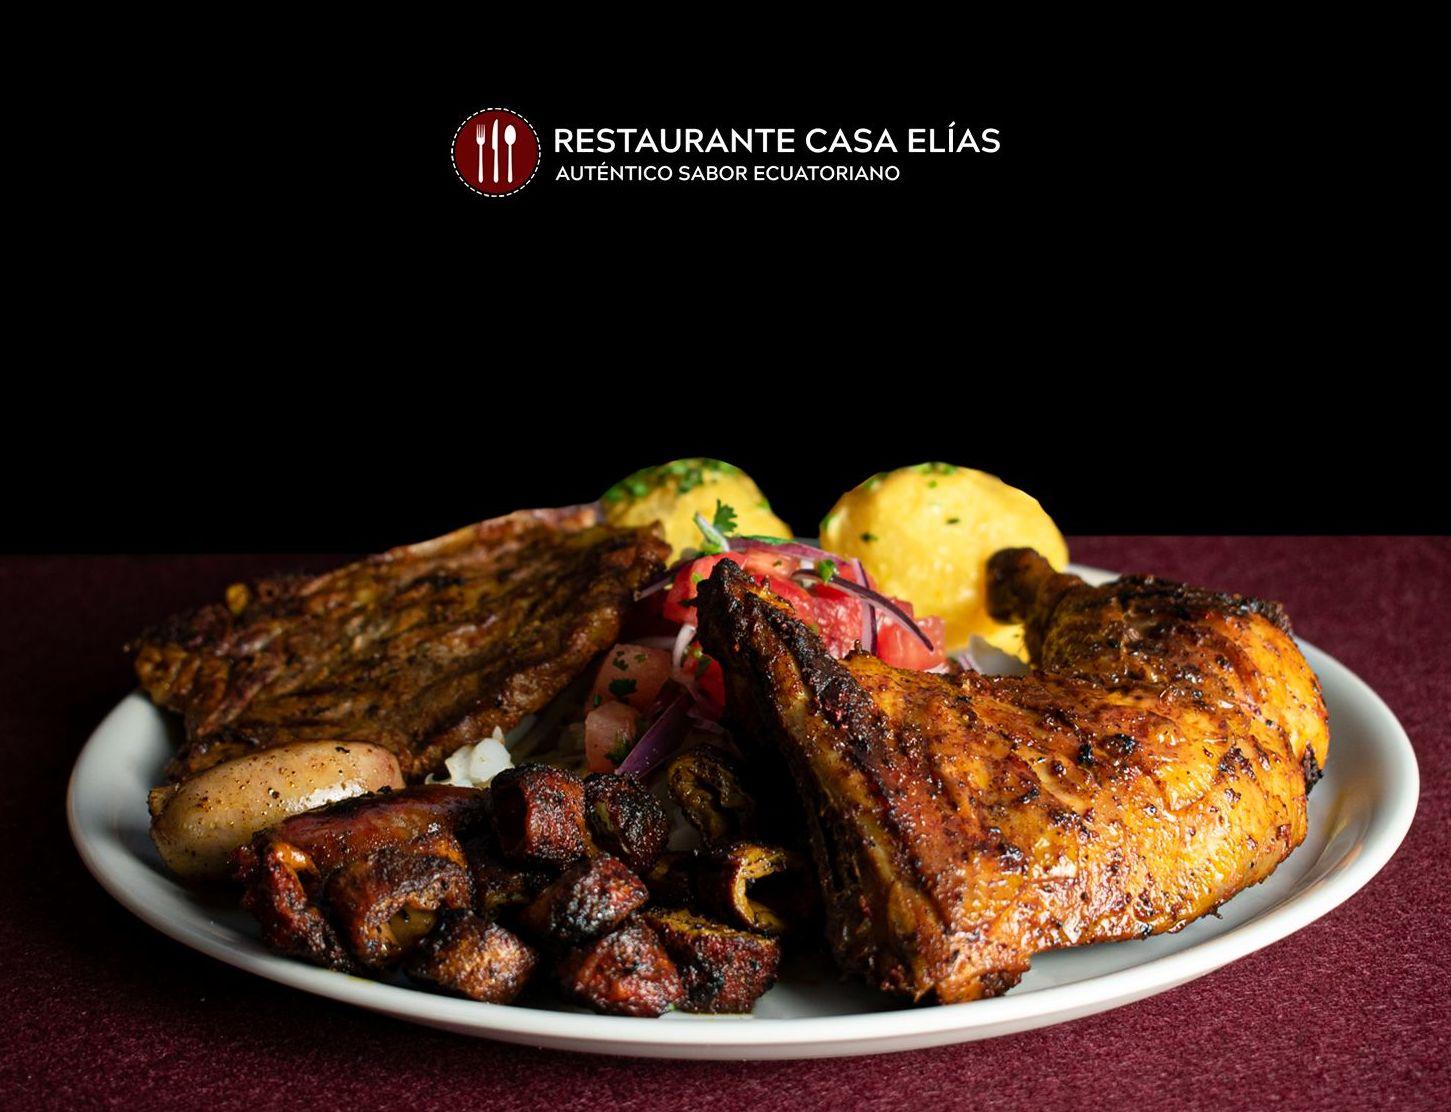 Parrillada Completa al carbón: Carta de Restaurante Casa Elías